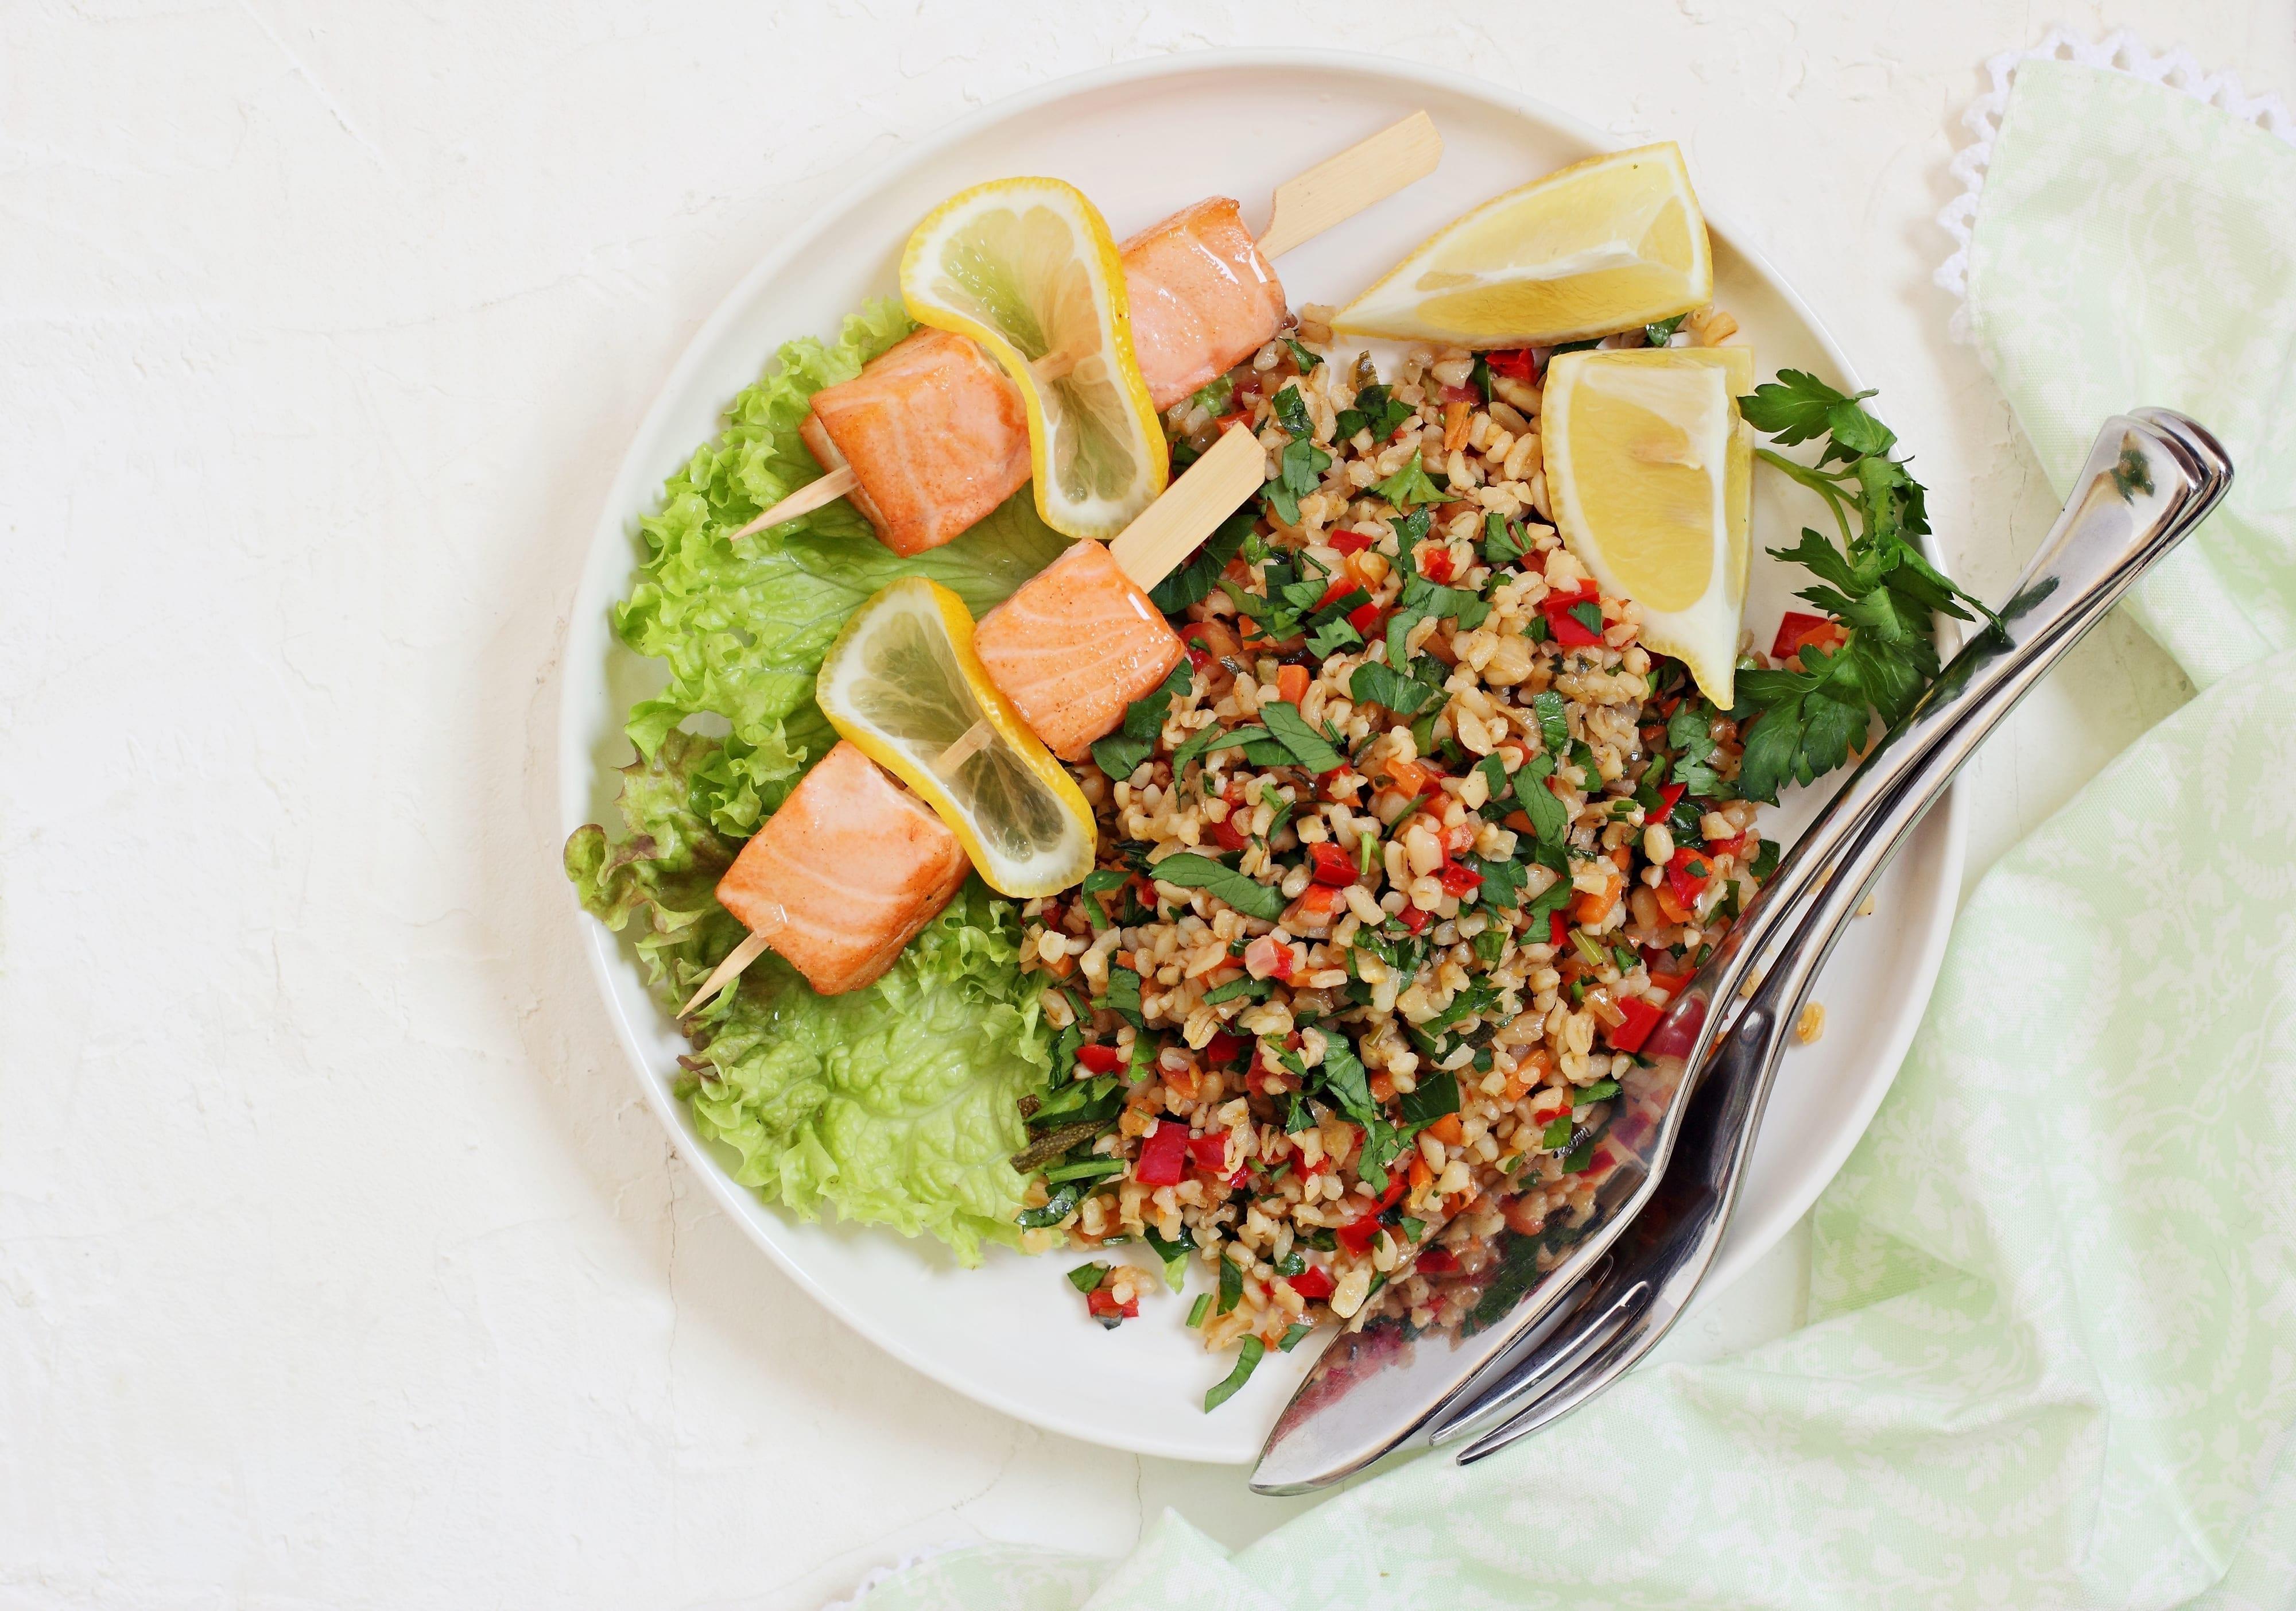 Laksespyd med broccoli-tabbouleh og mynte